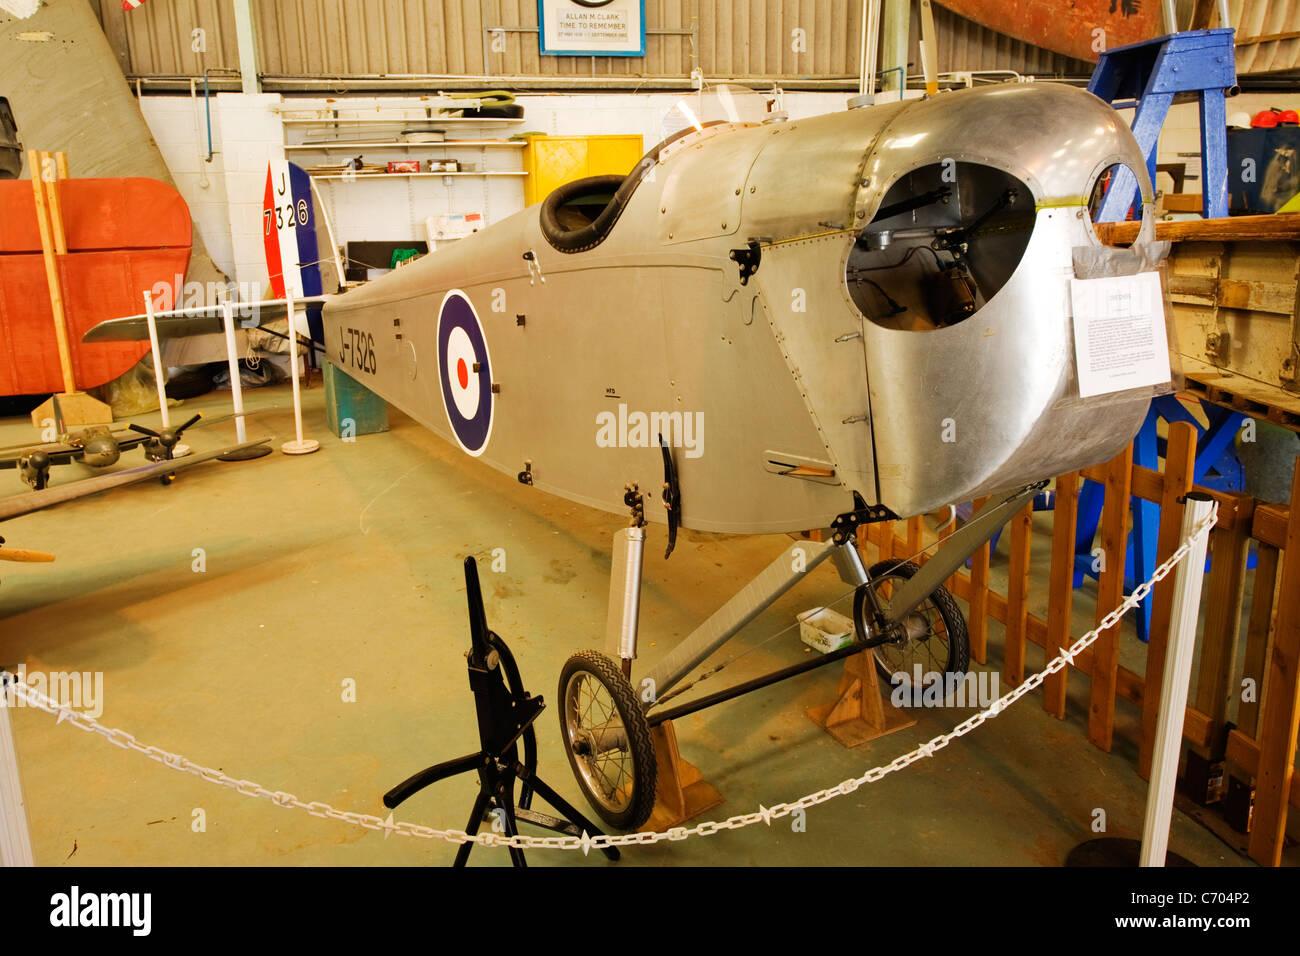 De Havilland Aviation Heritage Centre Mosquito Museum DH53 Colibris 1923/24 premier vol propulsé par 750 cc Photo Stock